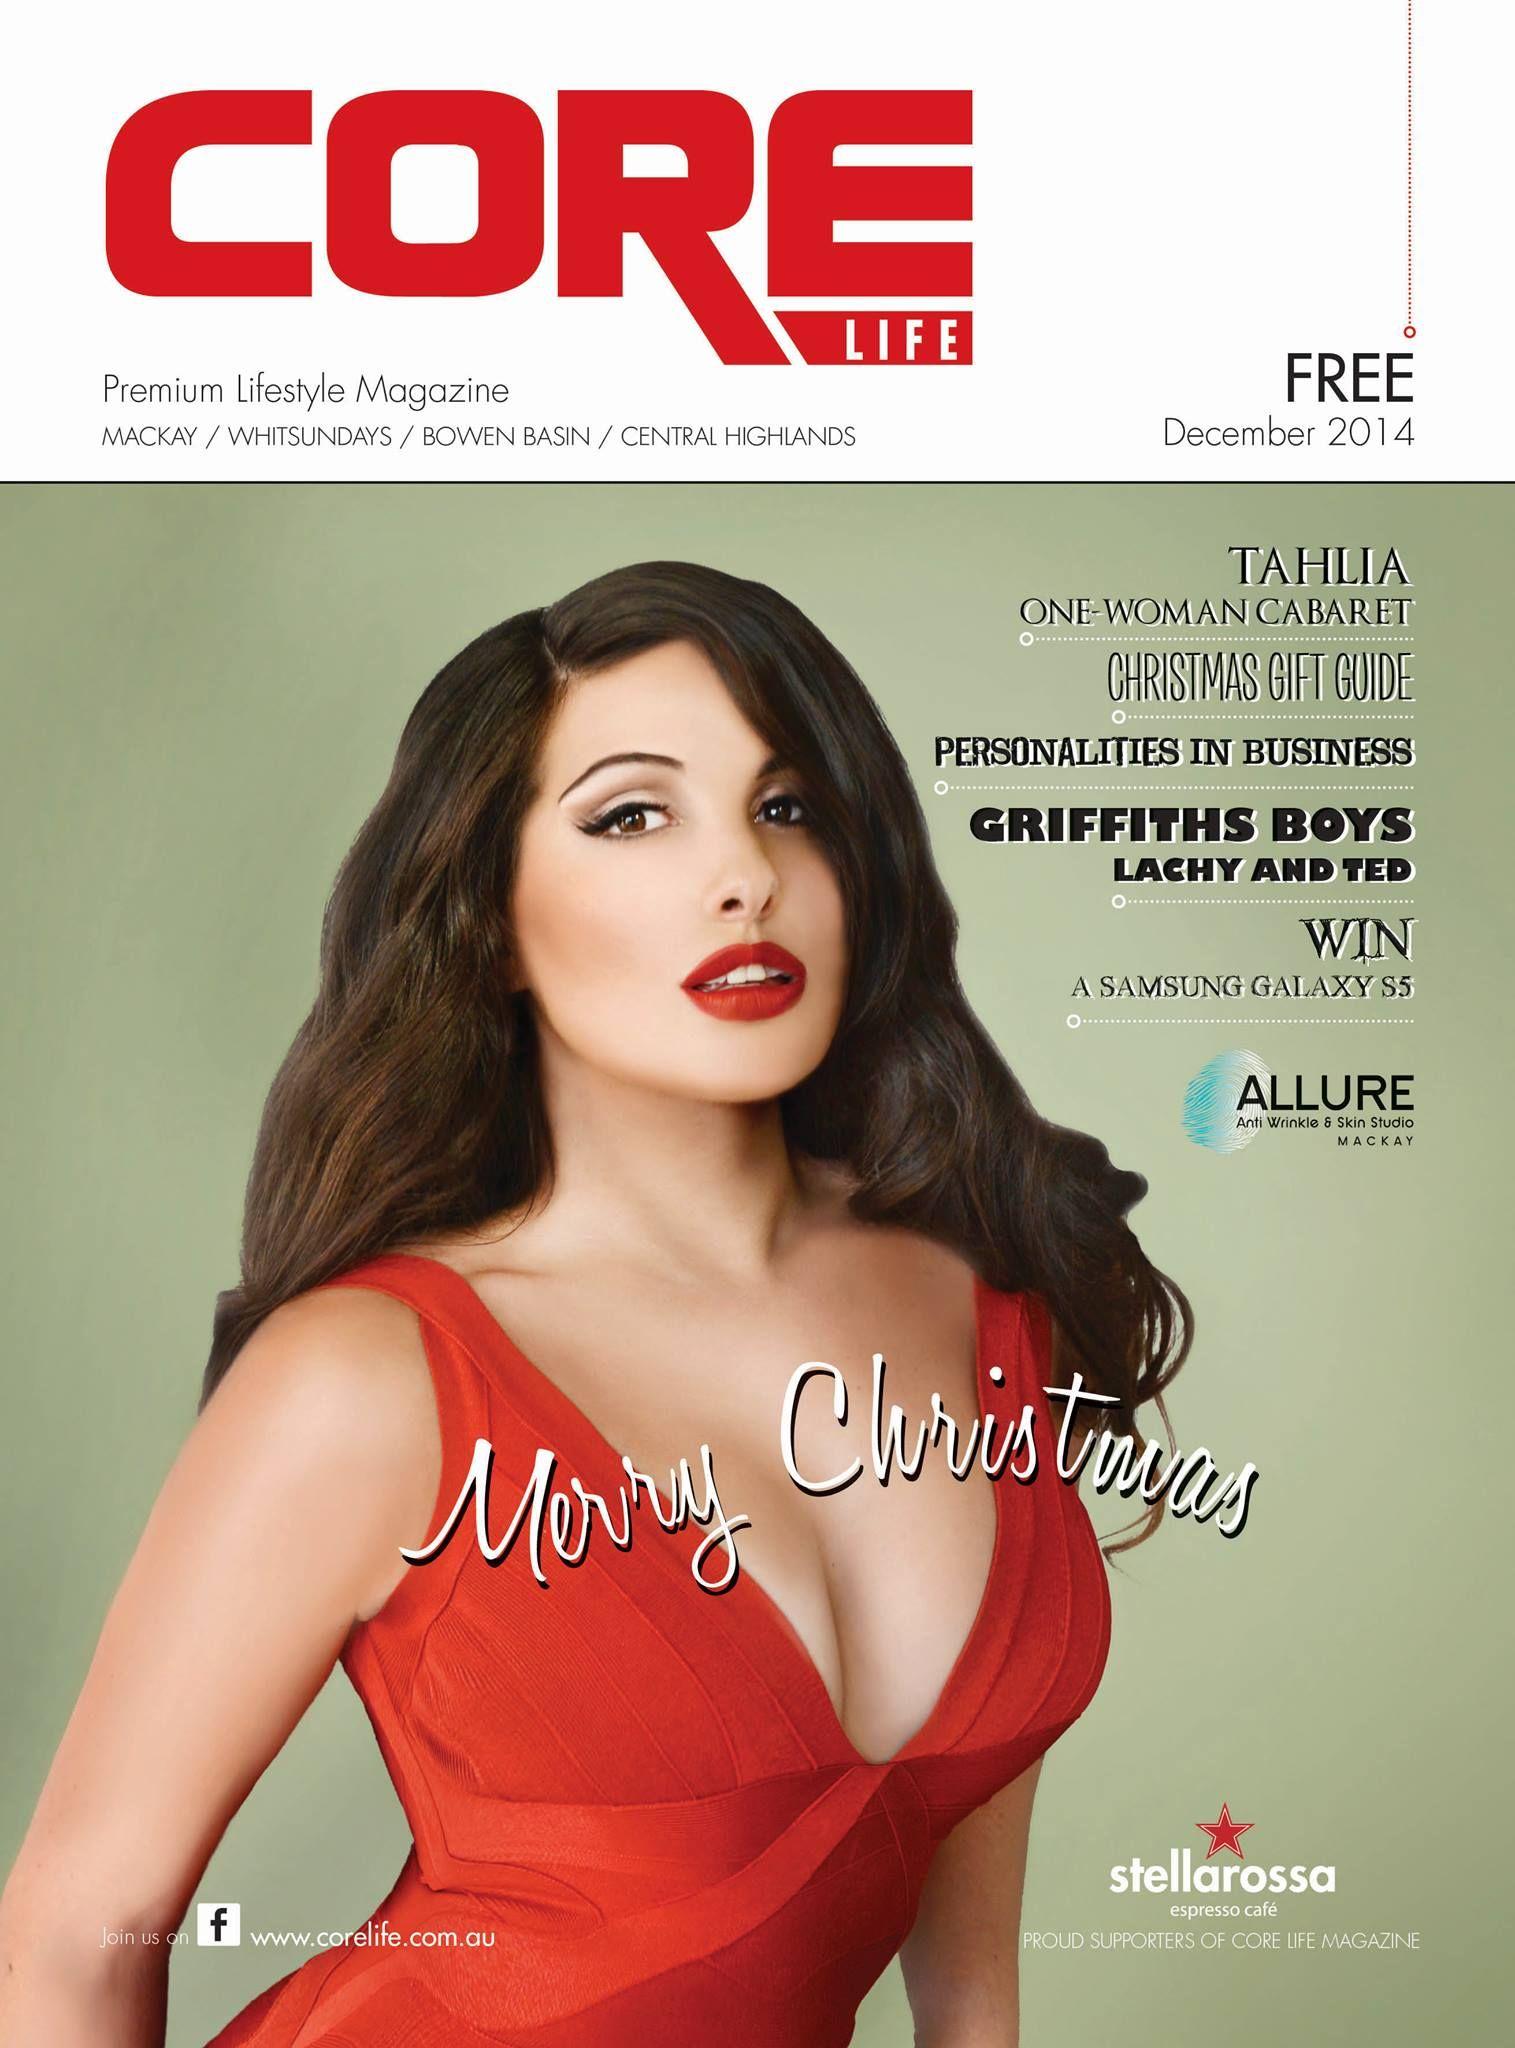 #CoreMagazine #CoreLifeMag #AirlieBeachBridal #IconicBridePhotography